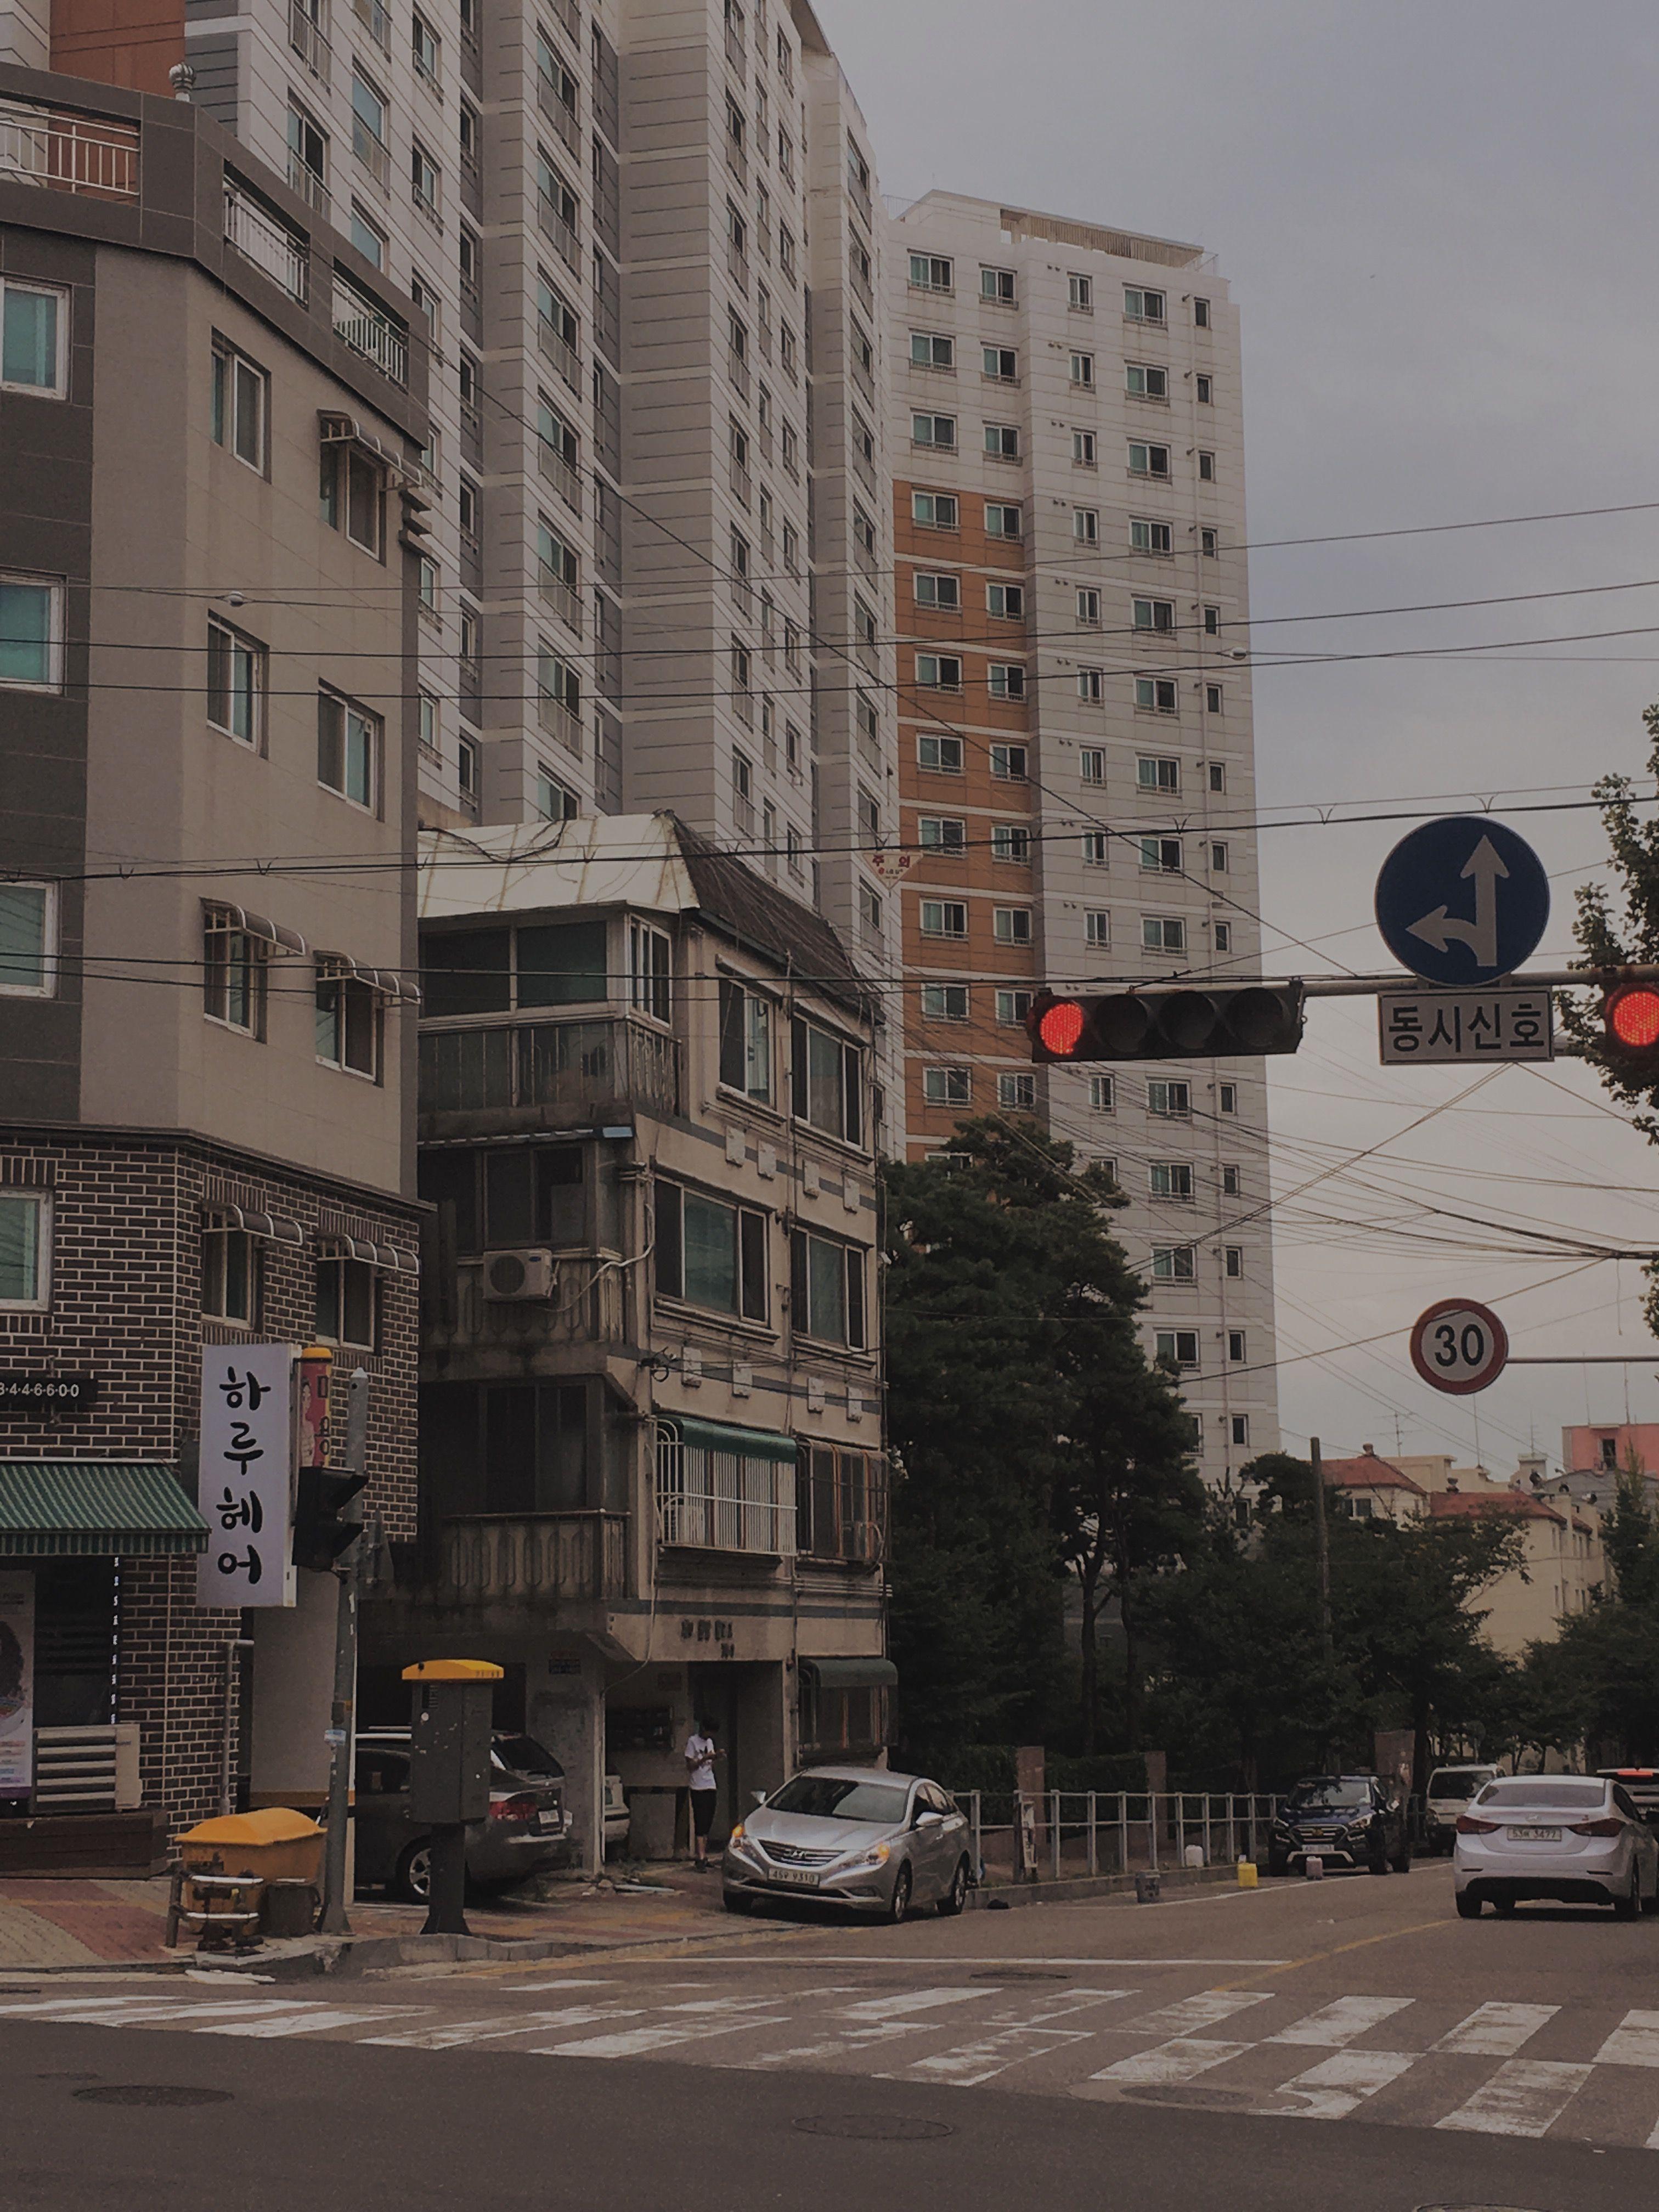 Pin Oleh Alexa Jackson Di Korea Tr Dengan Gambar